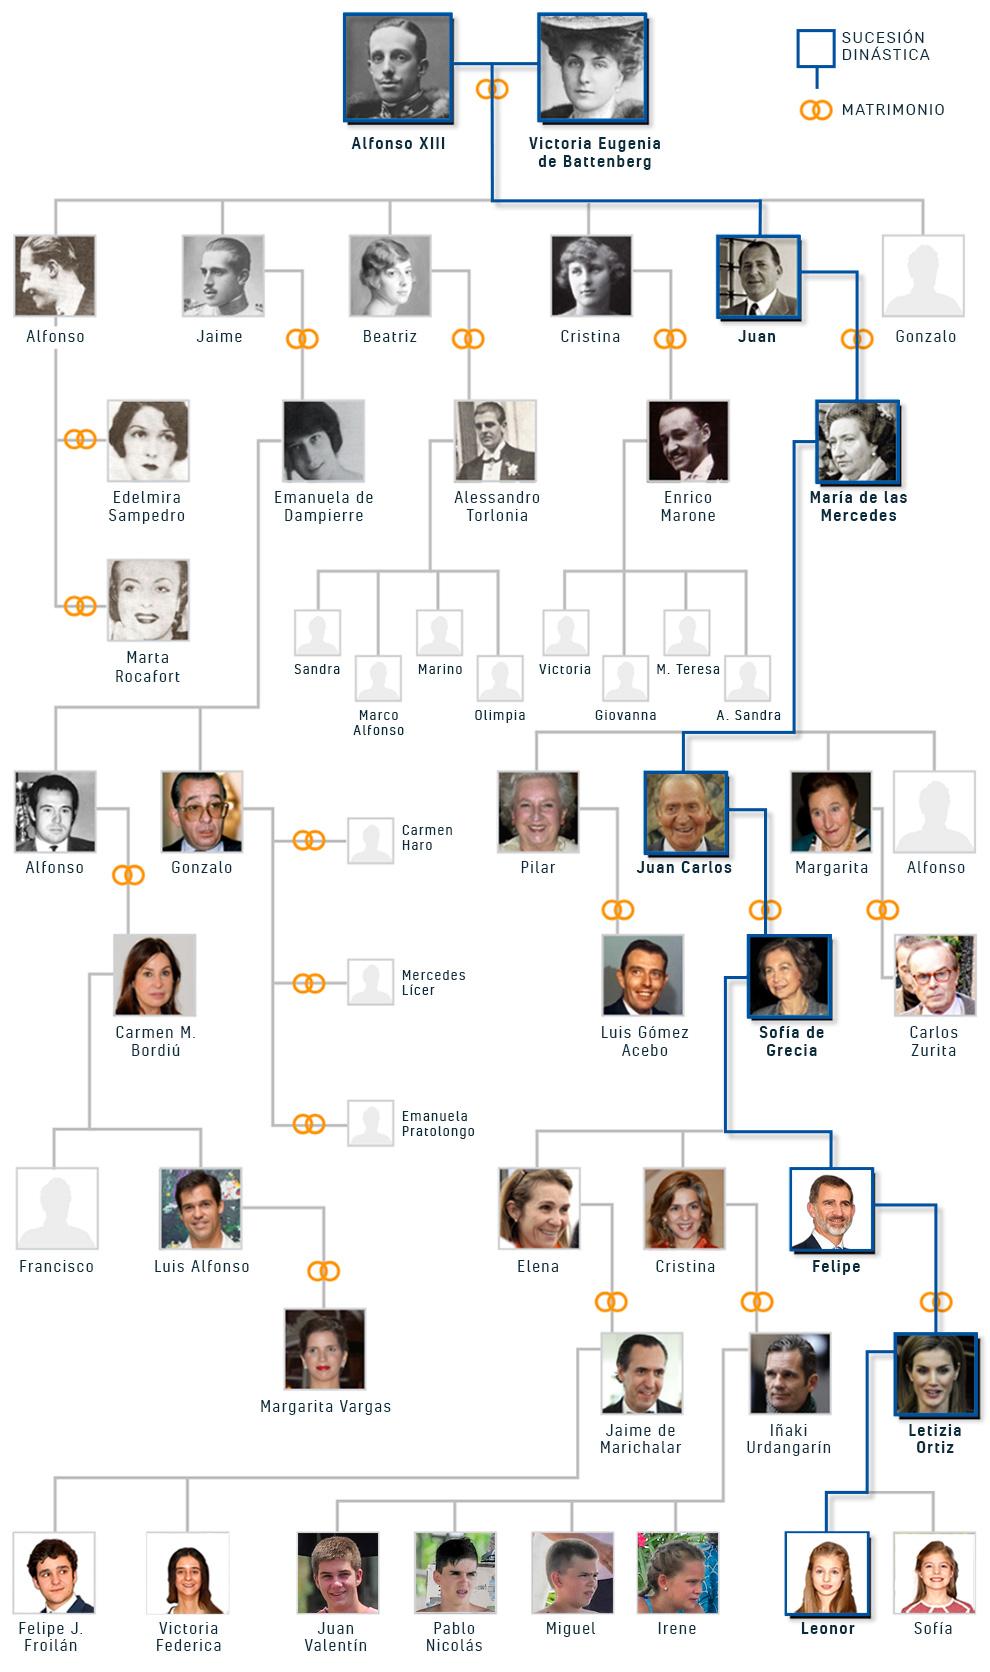 Árbol genealógico del Rey Felipe VI con motivo del 50 cumpleaños del monarca.